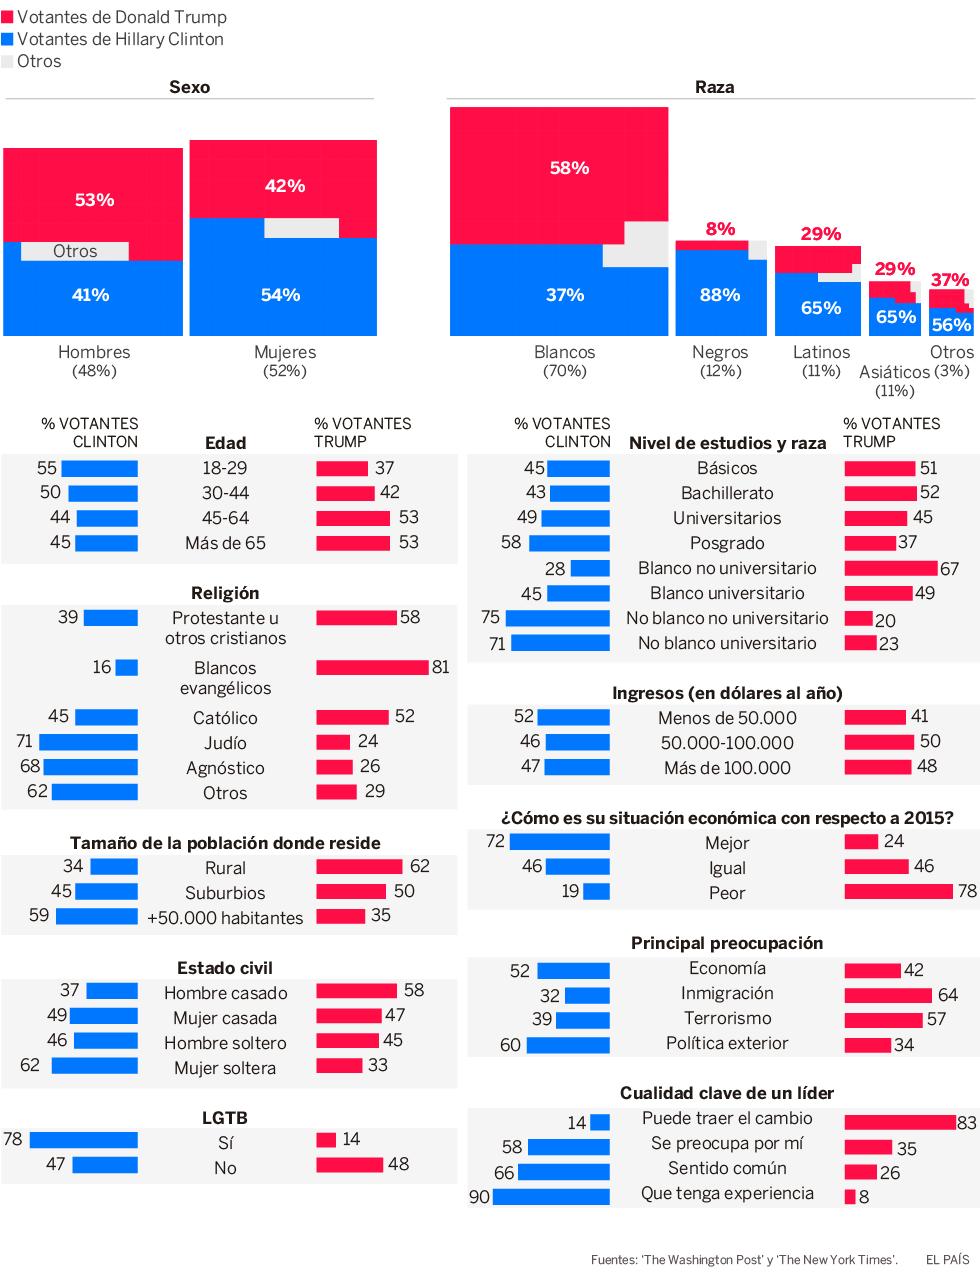 EEUU Elecciones 2016 y movimientos burgueses posteriores. Comenta un burgués europeo y capacitado. - Página 2 Perfil_c_980